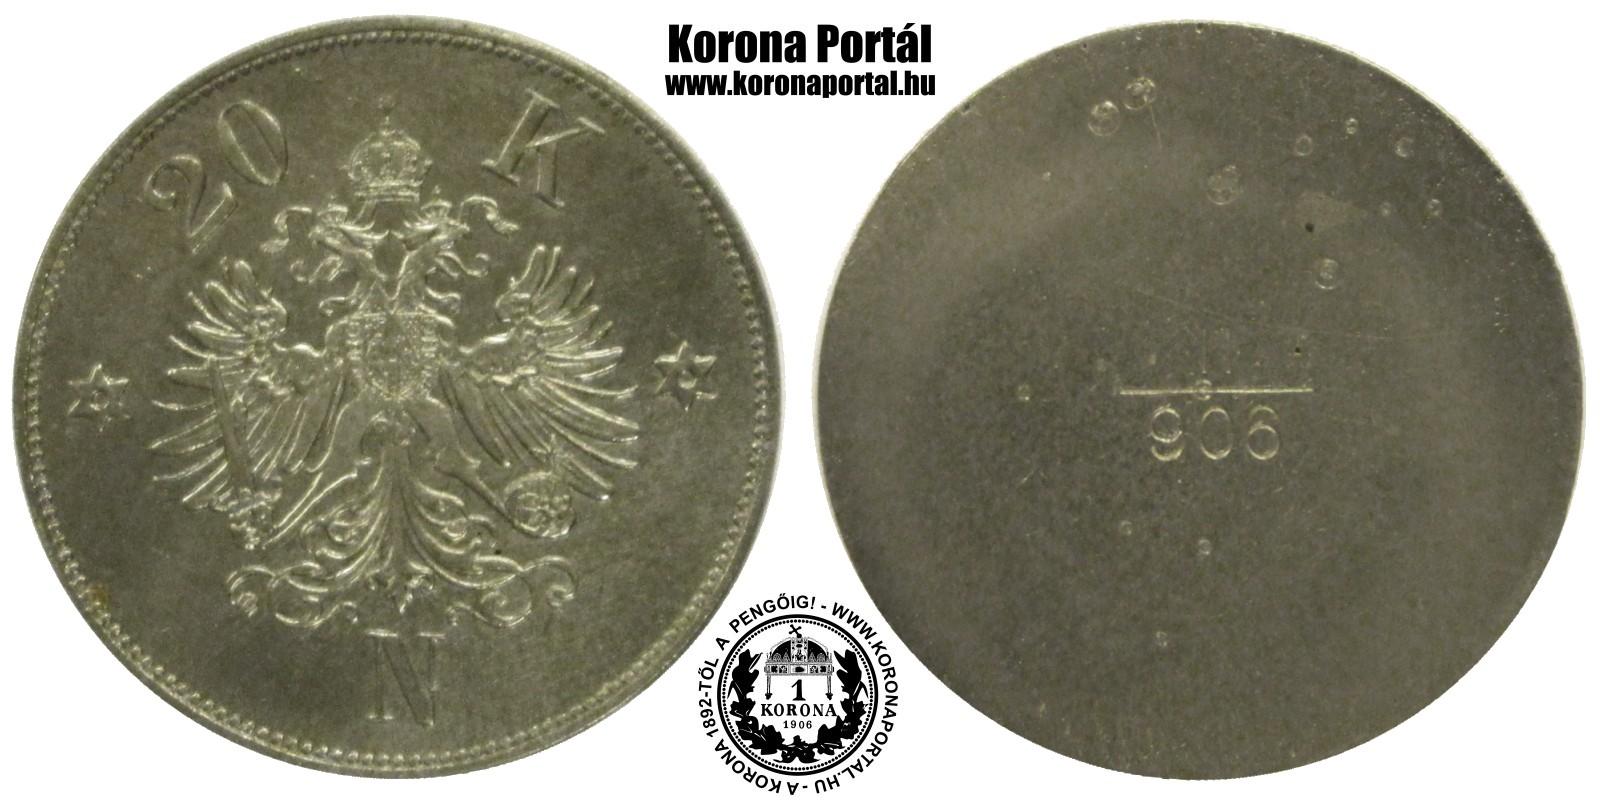 http://www.koronaportal.hu/penzsuly-sulypenz/www_koronaportal_hu_penzsuly-sulypenz-arany-20-korona-20k-n-901-902_vekony_osztrak.jpg